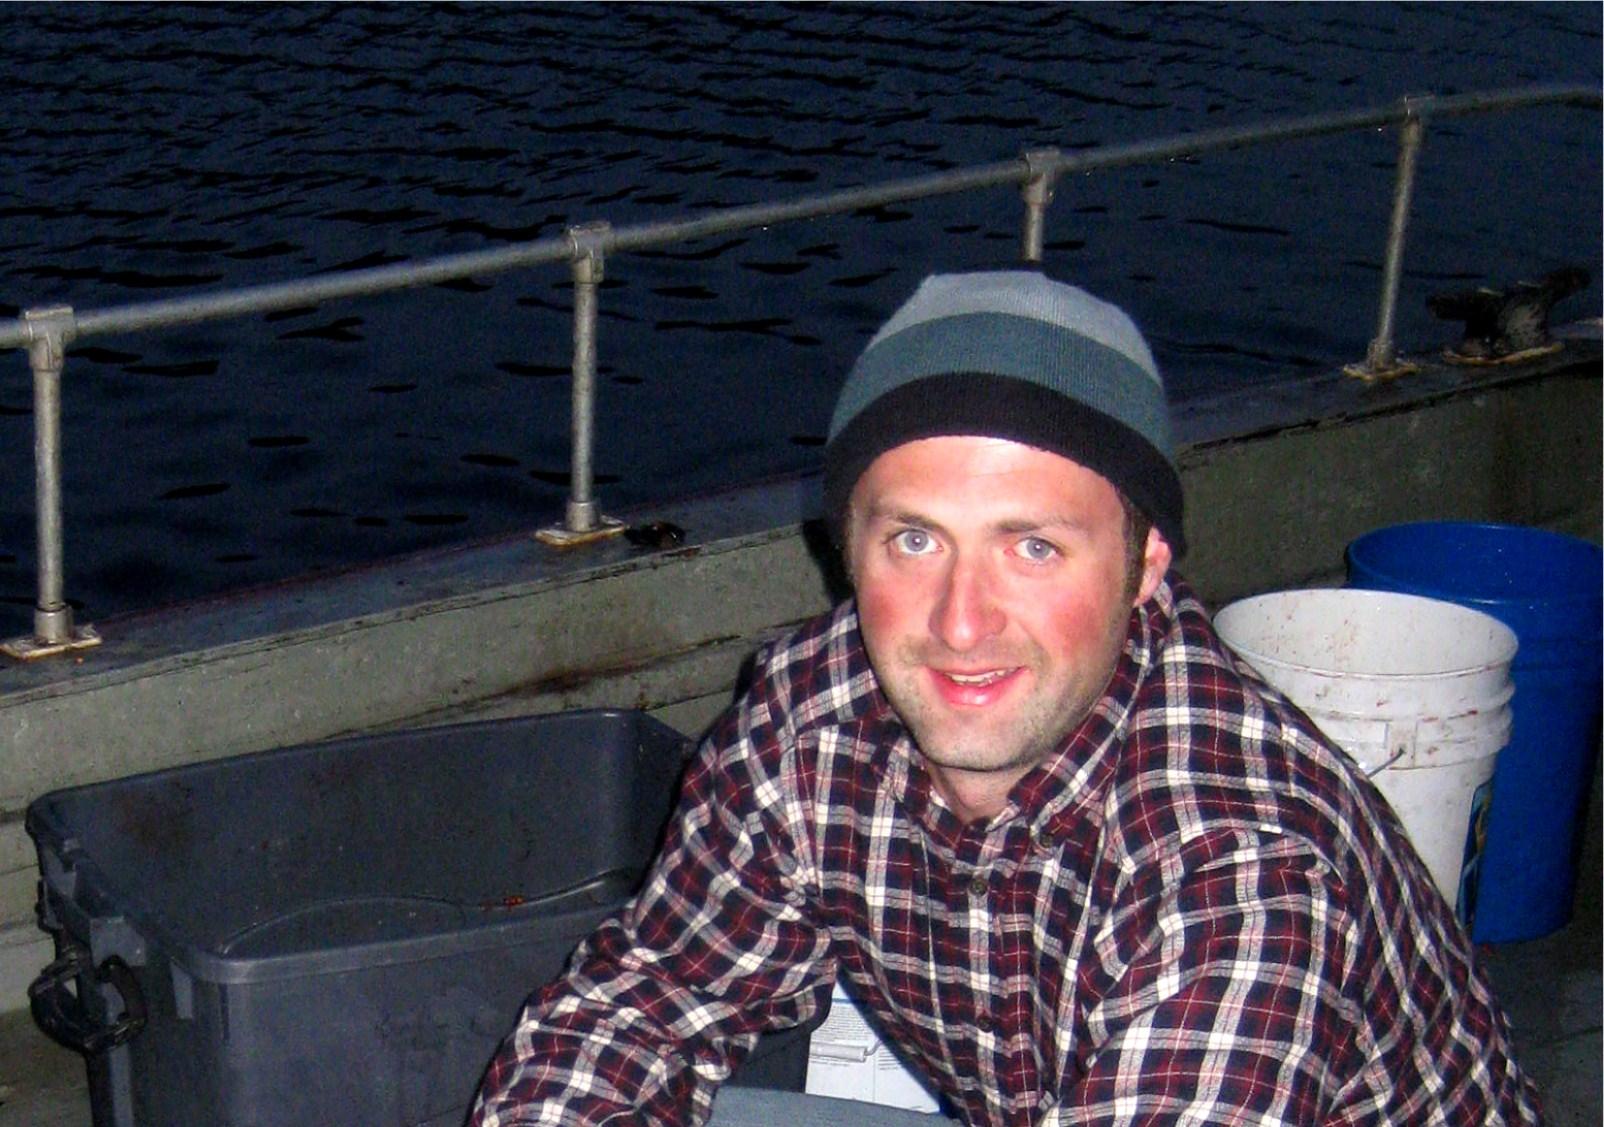 Seth_on_boat.JPG